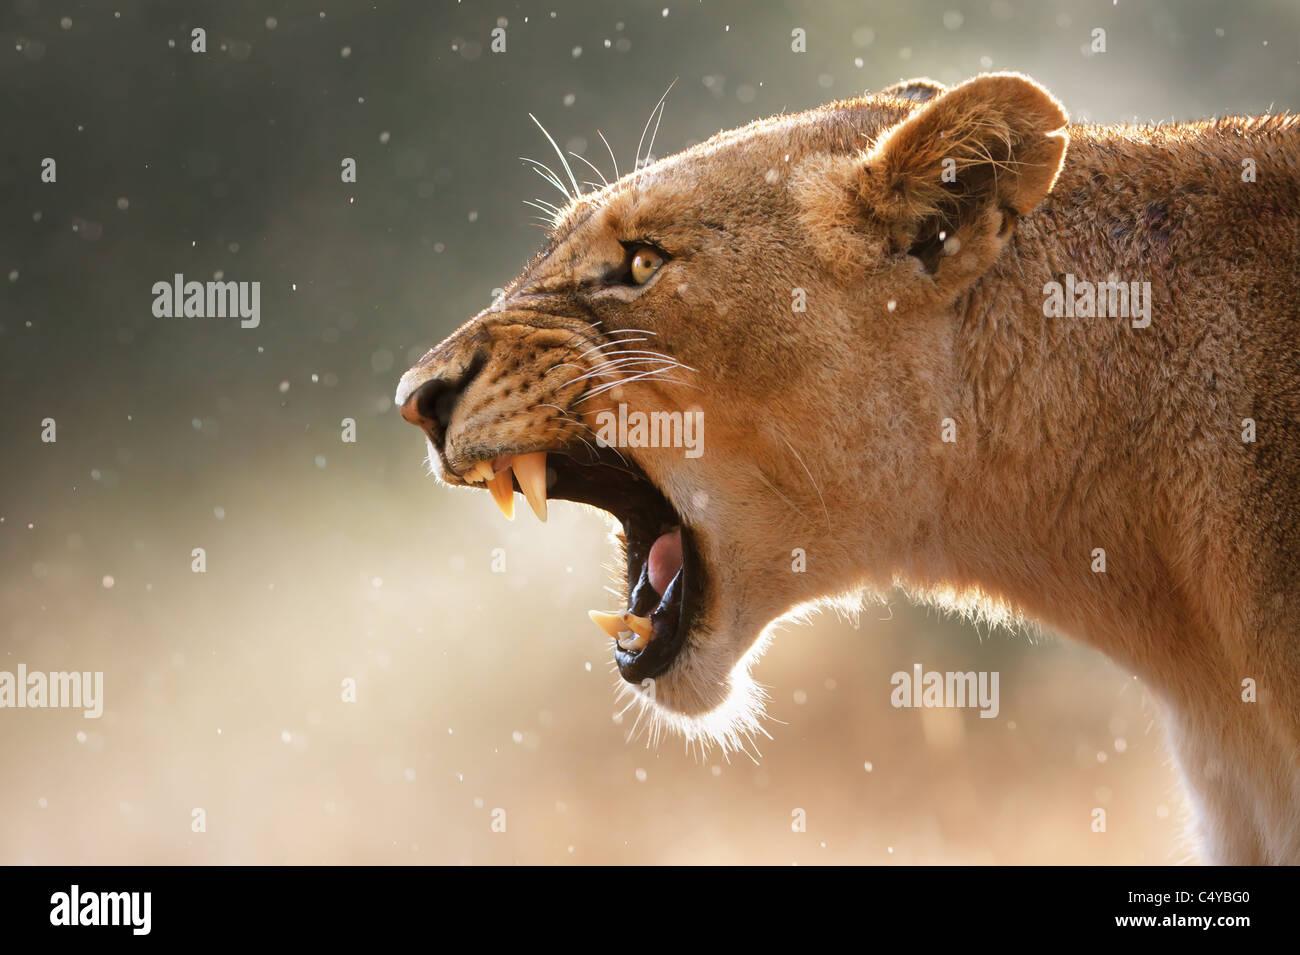 Löwin zeigt gefährliche Zähne während leichte Regenschauer - Krüger National Park - Süd Afrika Stockfoto